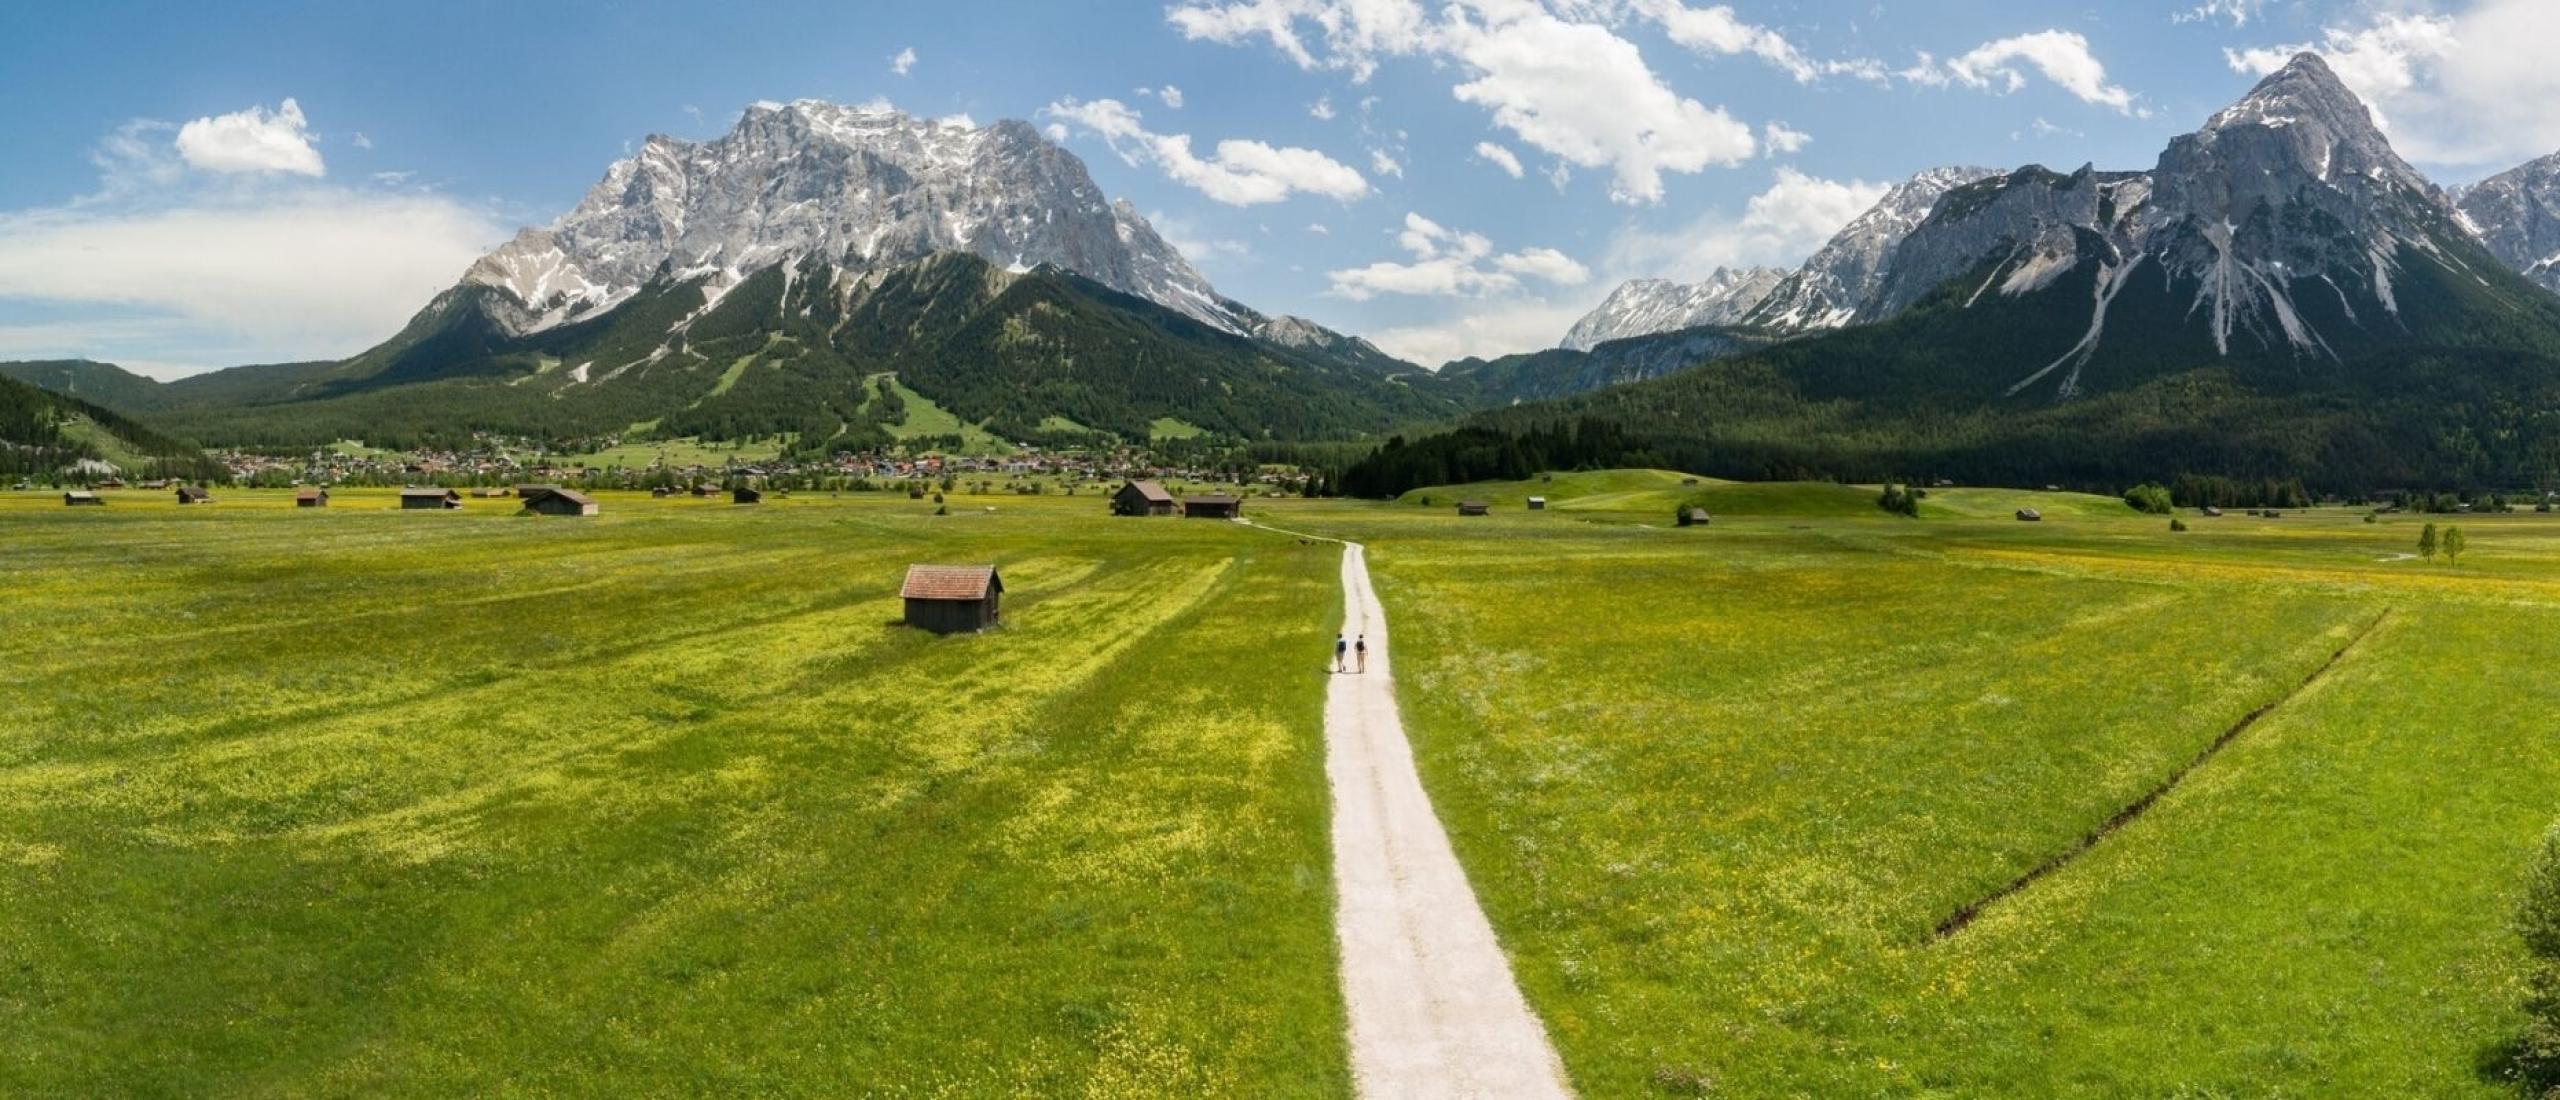 Eenvoudig? Of liever luxe kamperen in de Oostenrijkse Alpen?